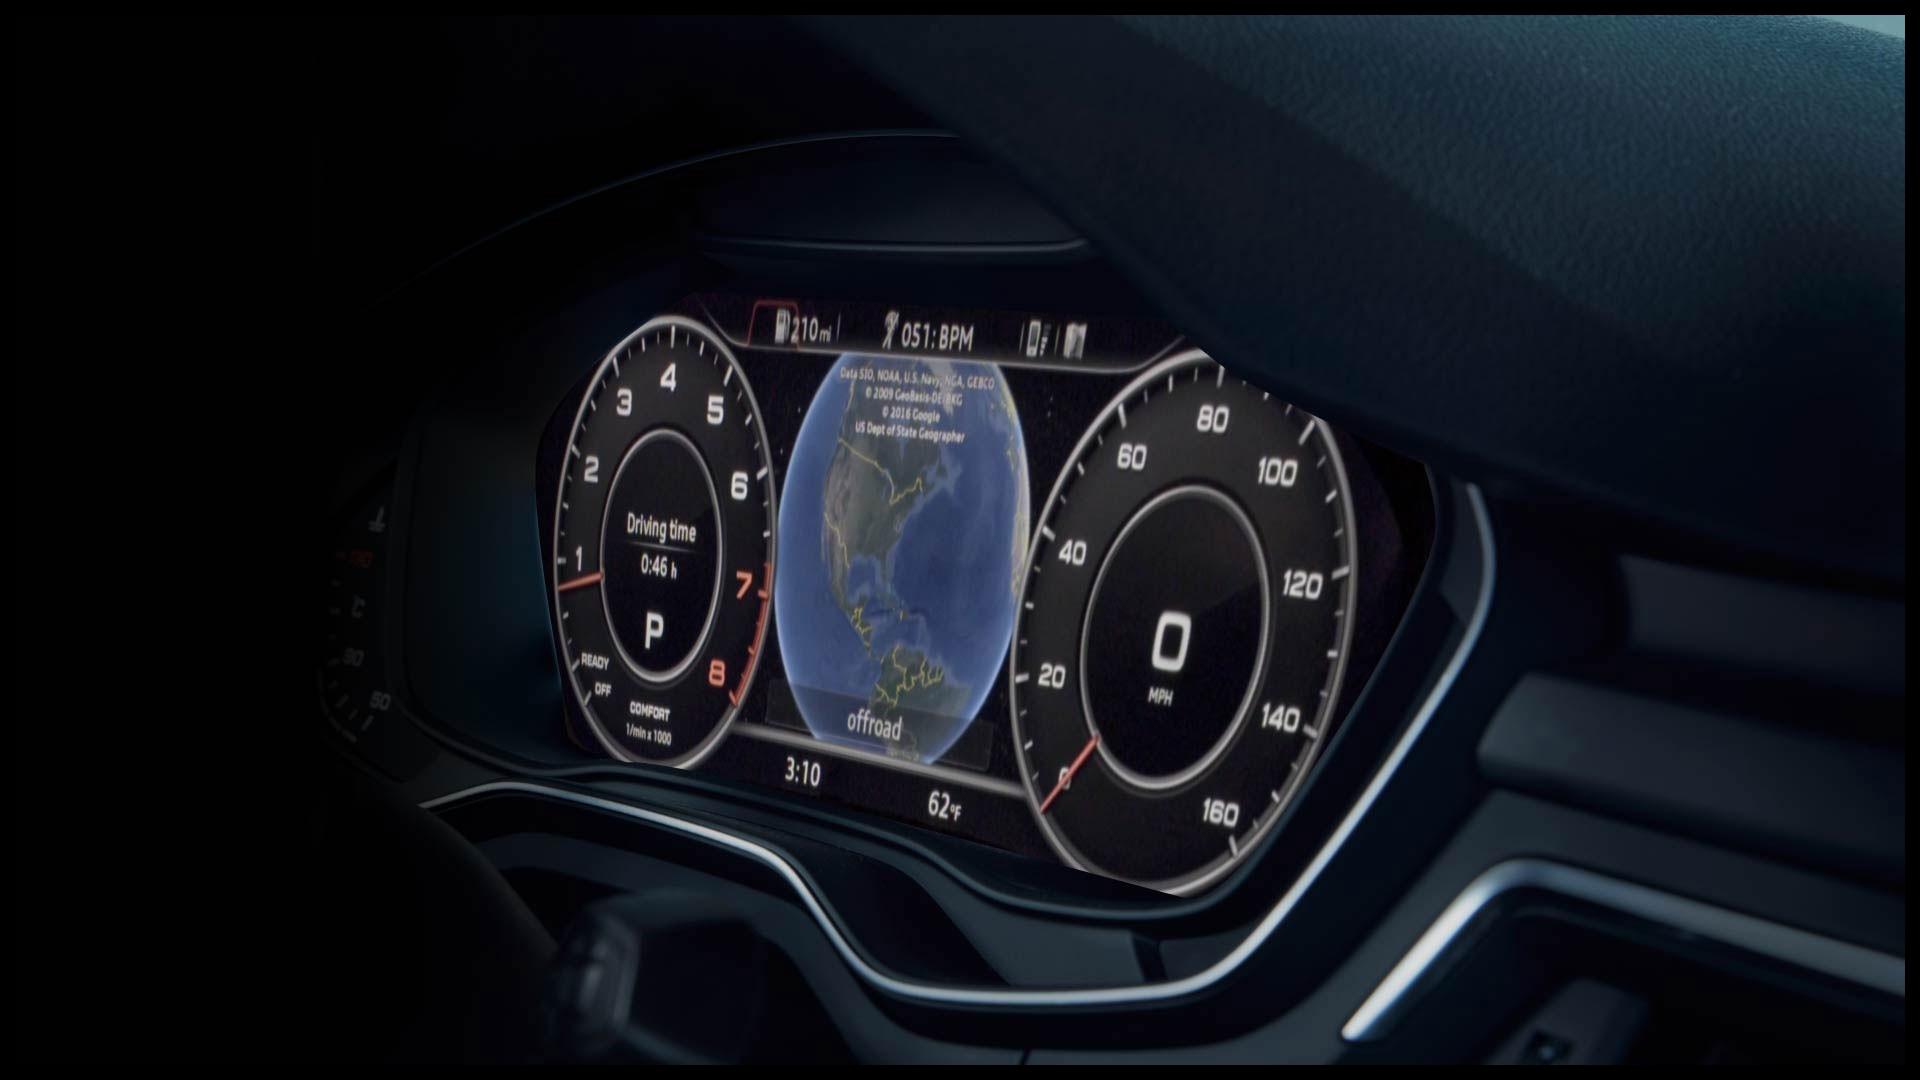 2019 Bmw Sports Beautiful 2019 Audi Prestige Beautiful 2009 09 Bmw X5 3 0d M Sport